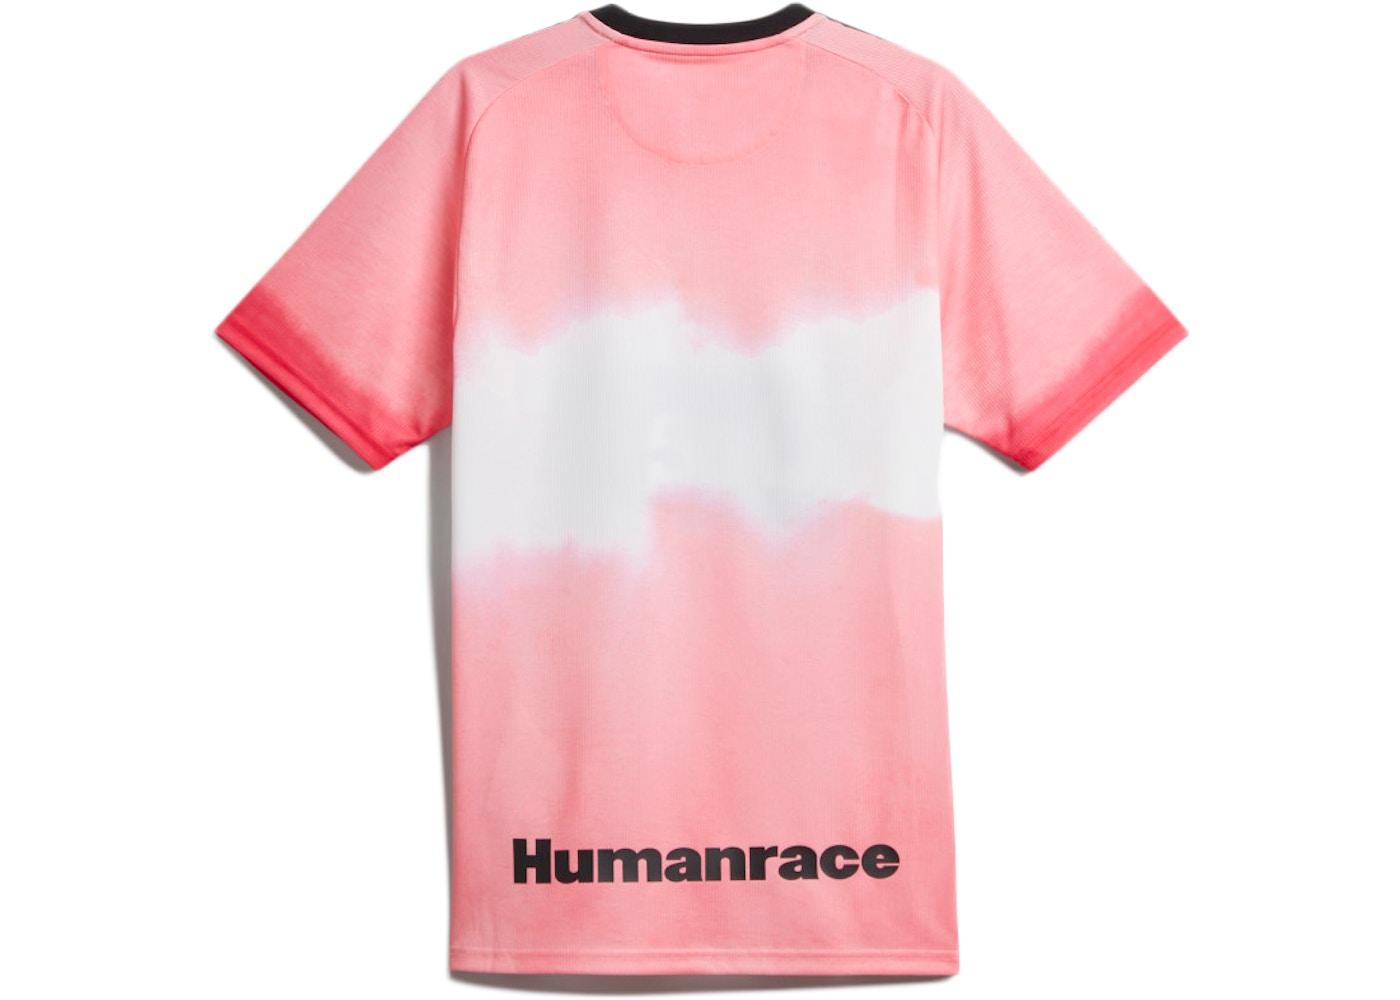 adidas juventus human race jersey glow pink black fw20 adidas juventus human race jersey glow pink black